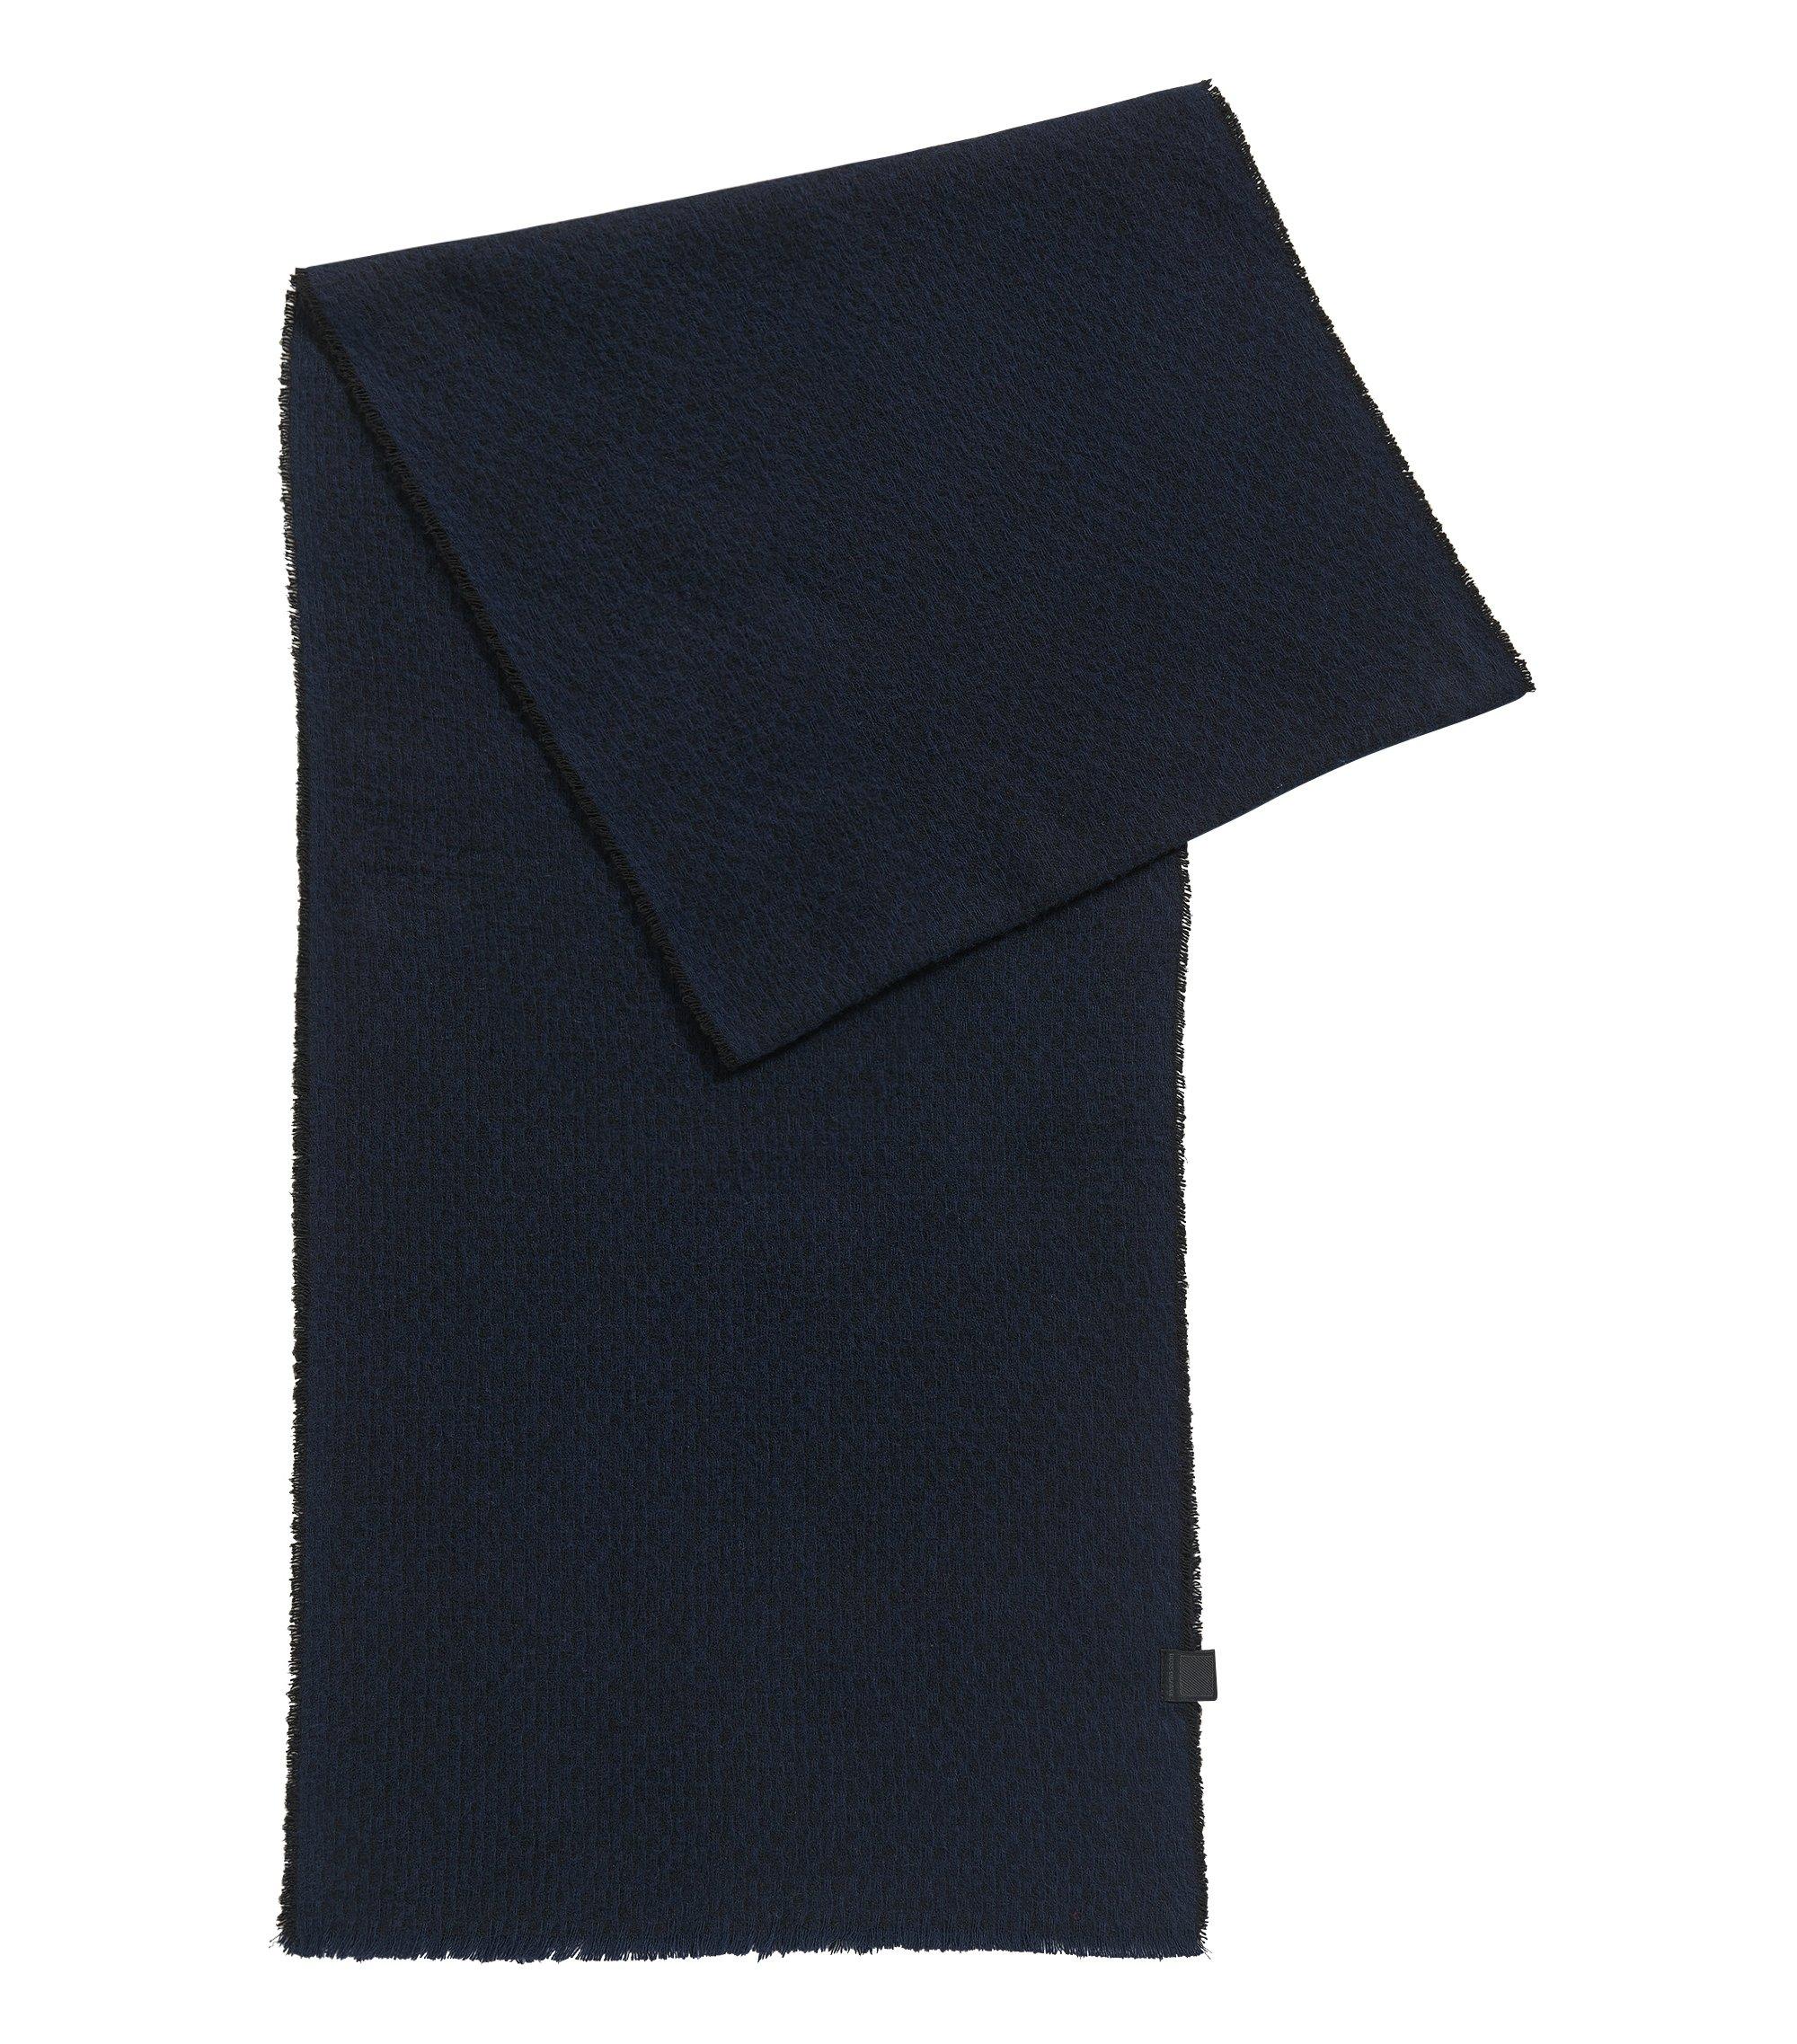 Sjaal van gestructureerde katoen met korte franje, Zwart